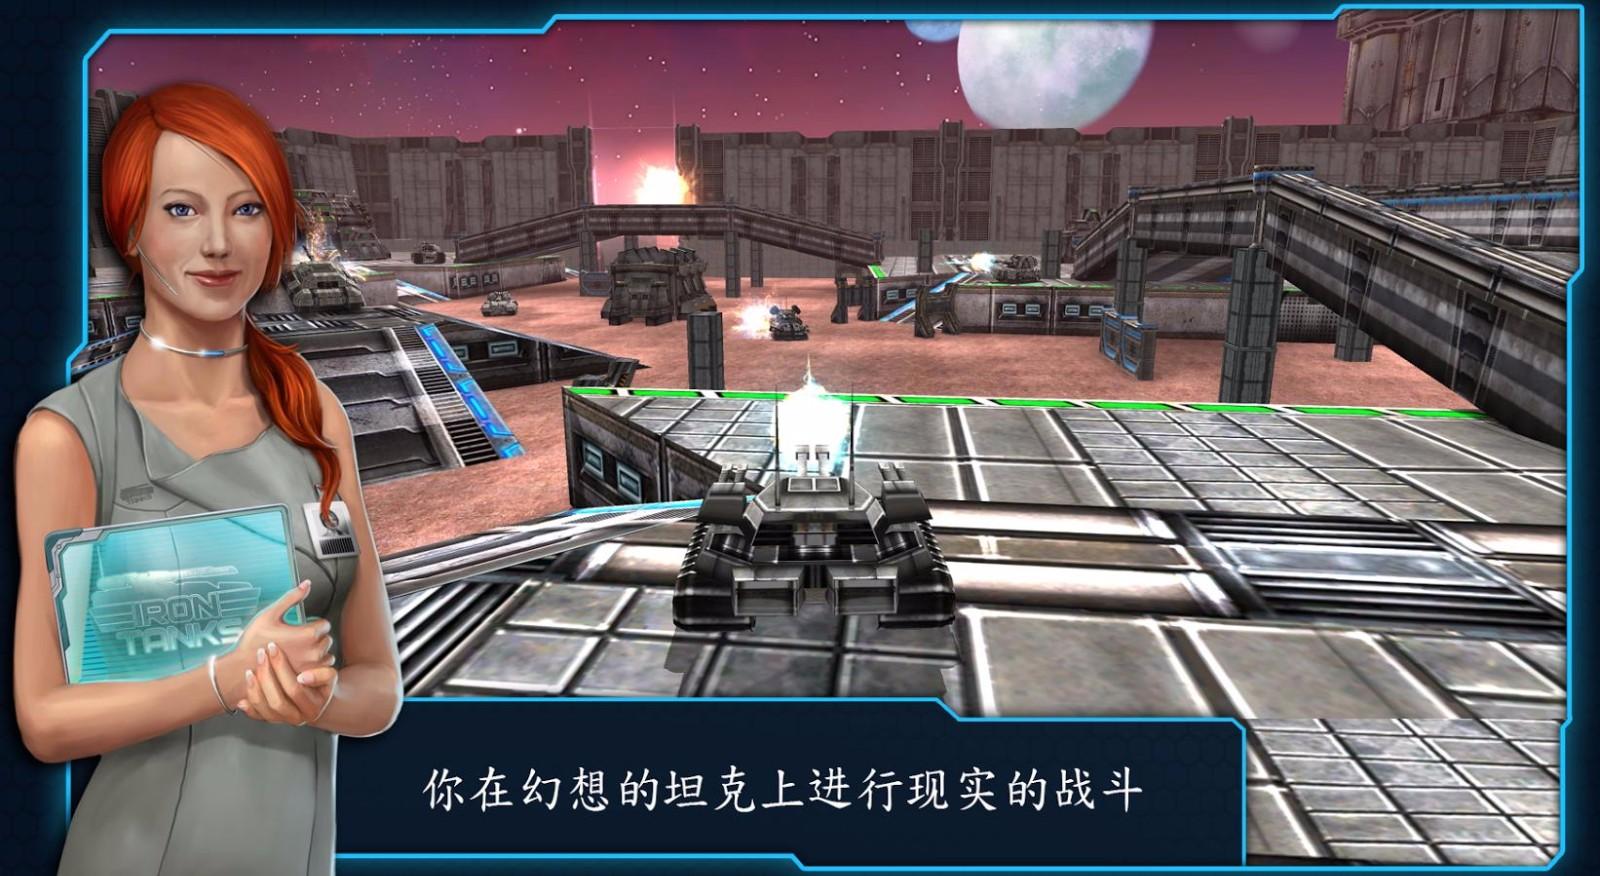 铁骑坦克(4)